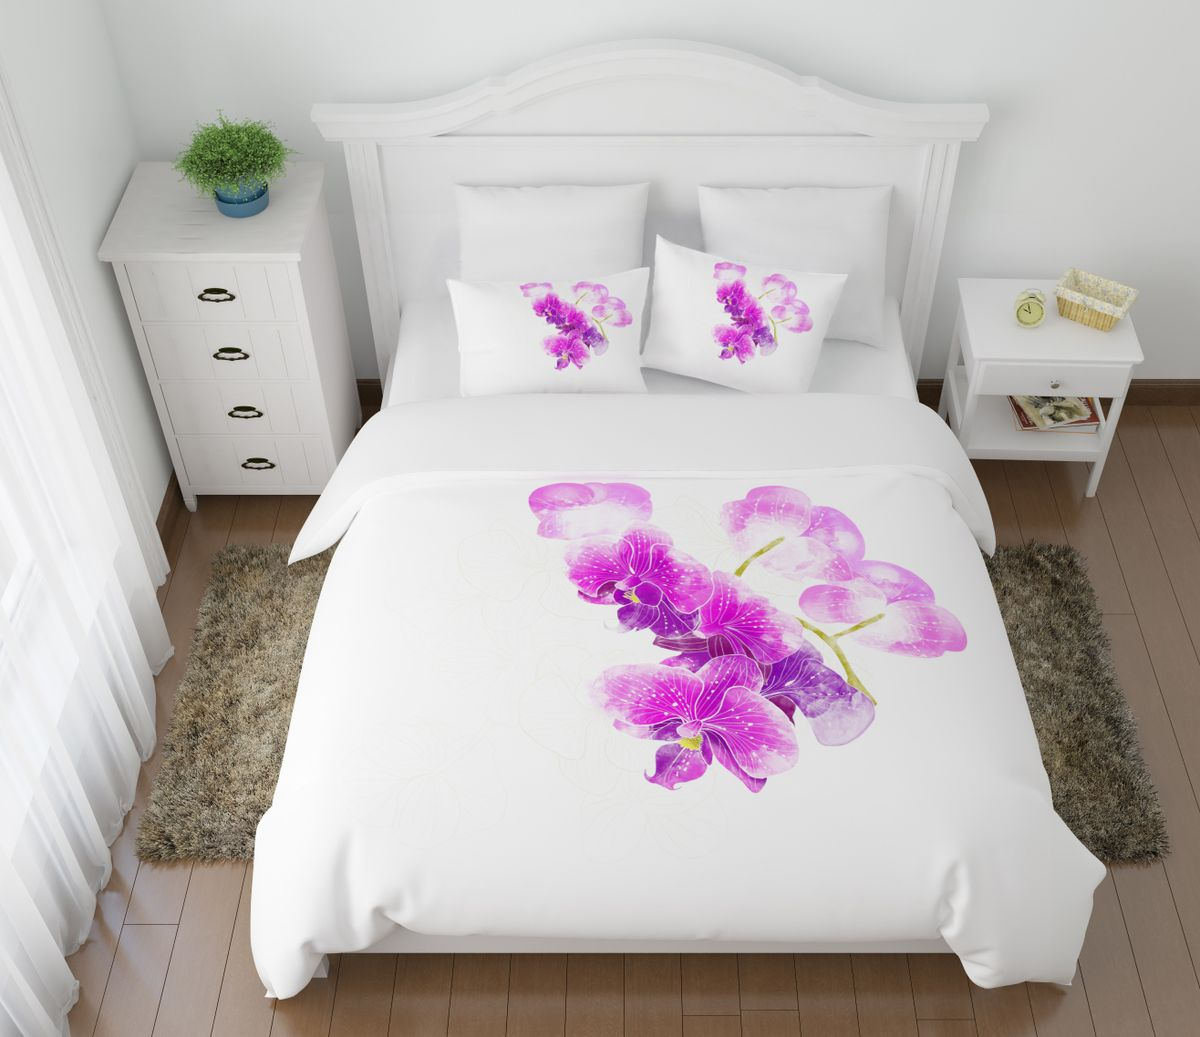 Комплект белья Сирень Ветка орхидеи, 2-спальный, наволочки 50х70391602Комплект постельного белья Сирень 2-х спальный выполнен из прочной и мягкой ткани. Четкий и стильный рисунок в сочетании с насыщенными красками делают комплект постельного белья неповторимой изюминкой любого интерьера. Постельное белье идеально подойдет для подарка. Идеальное соотношение смешенной ткани и гипоаллергенных красок это гарантия здорового, спокойного сна. Ткань хорошо впитывает влагу, надолго сохраняет яркость красок. Цвет простыни, пододеяльника, наволочки в комплектации может немного отличаться от представленного на фото.В комплект входят: простыня - 200х220см; пододельяник 175х210 см; наволочка - 50х70х2шт. Постельное белье легко стирать при 30-40 градусах, гладить при 150 градусах, не отбеливать.Рекомендуется перед первым изпользованием постирать.